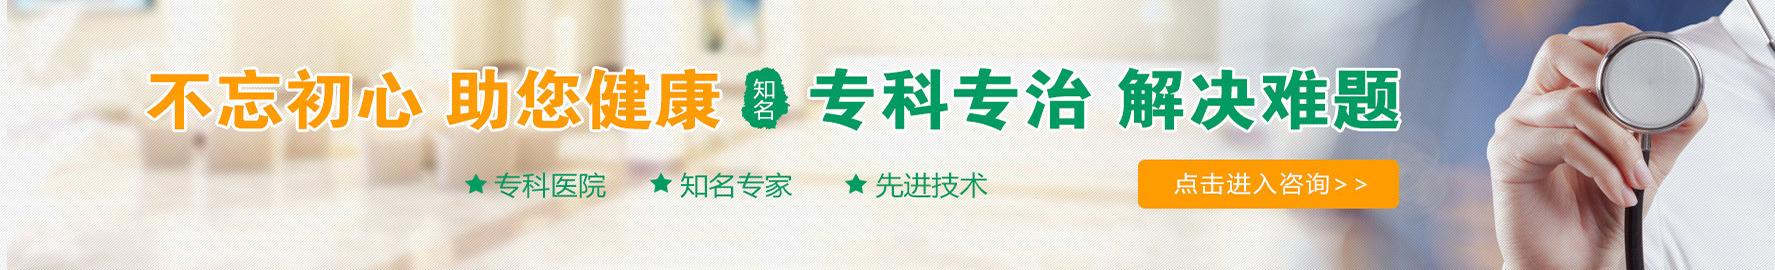 广州神经内科